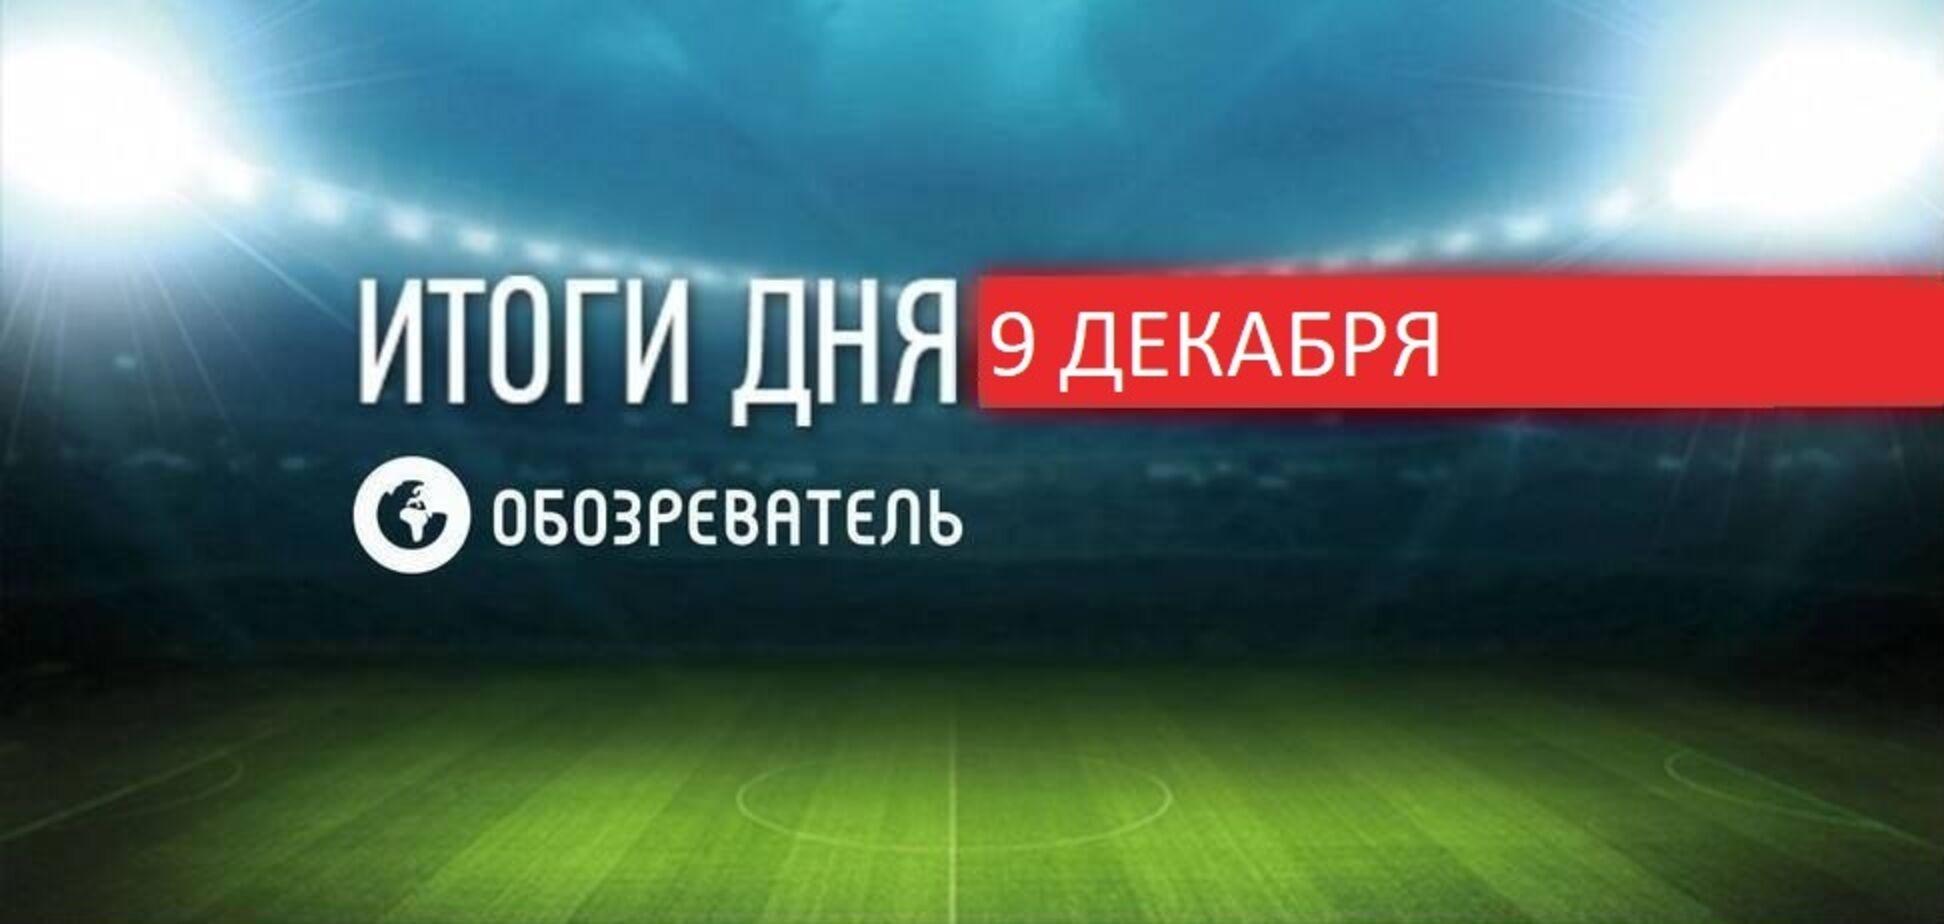 'Шахтер' вышел в ЛЕ, известны все участники плей-офф ЛЧ: спортивные итоги 9 декабря